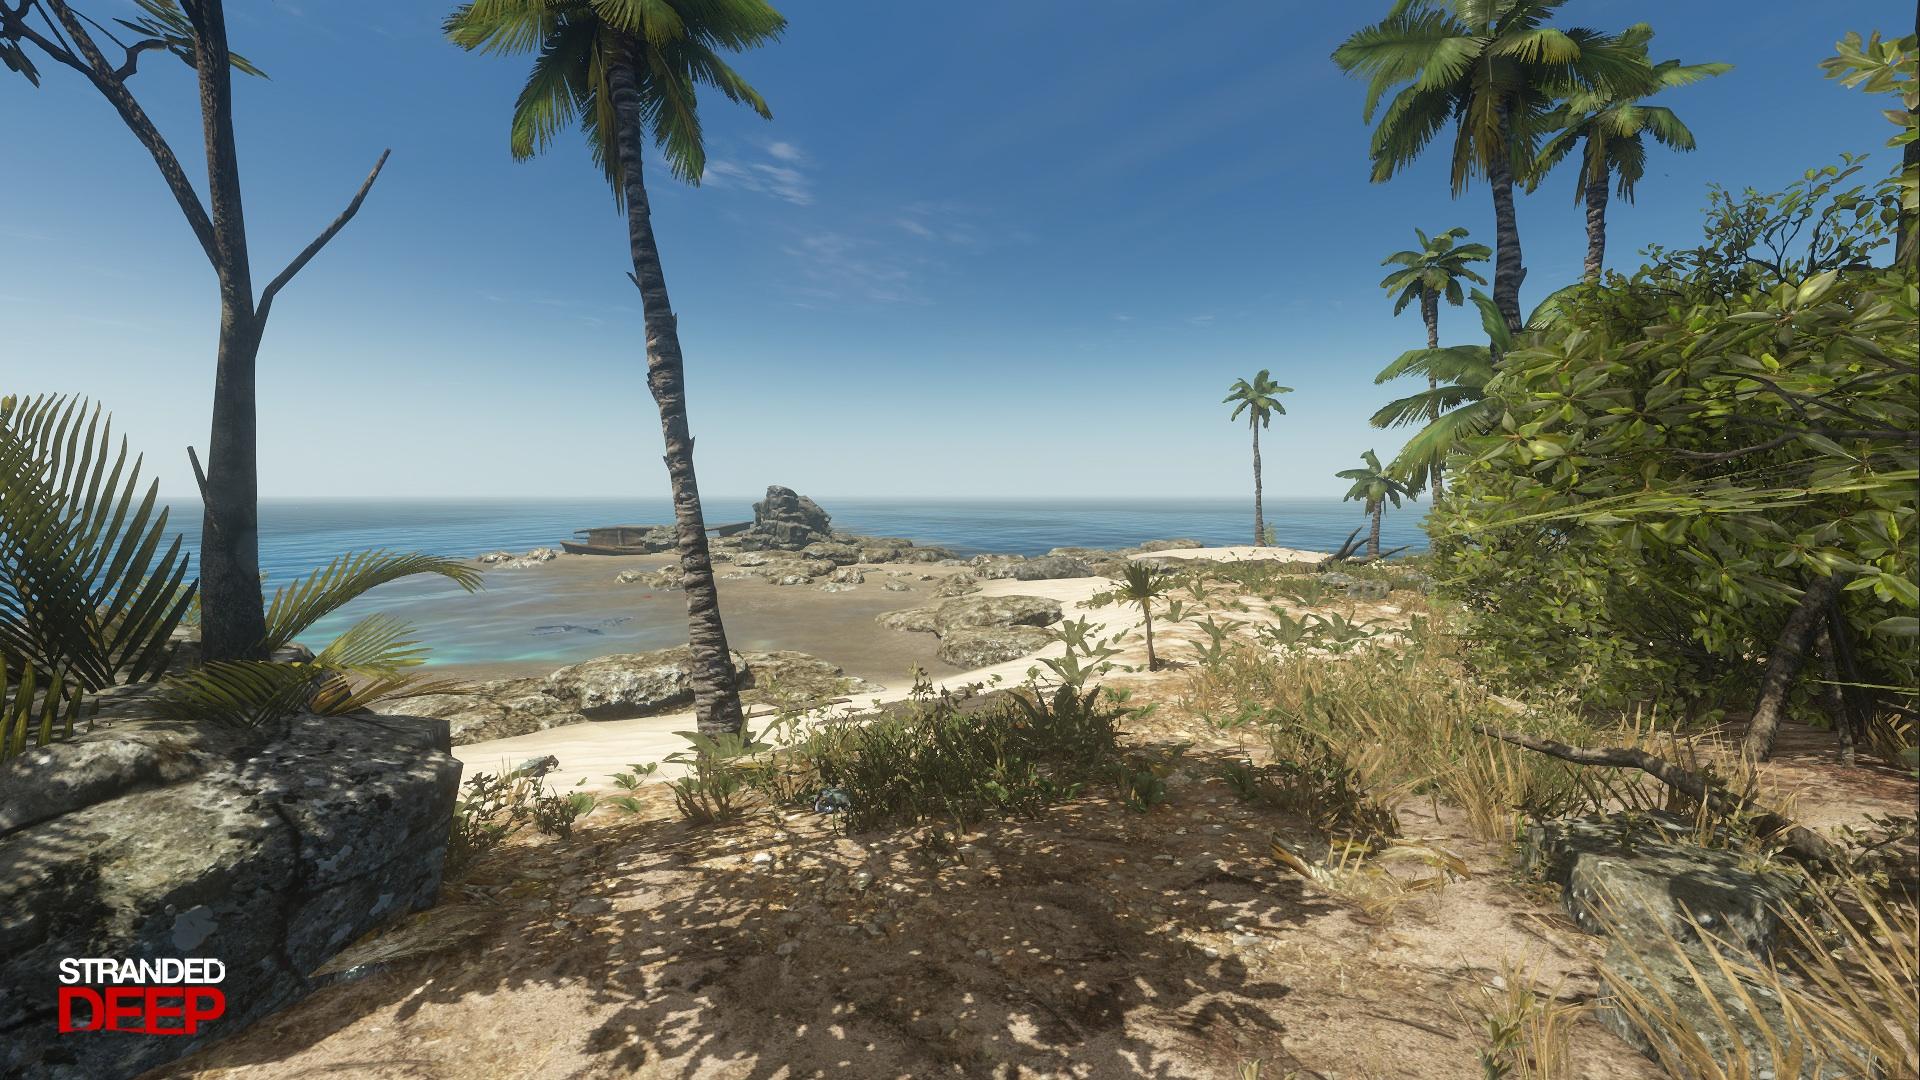 Přežili byste na ostrově? Vyzkoušet si to můžete ve hře Stranded Deep 104949